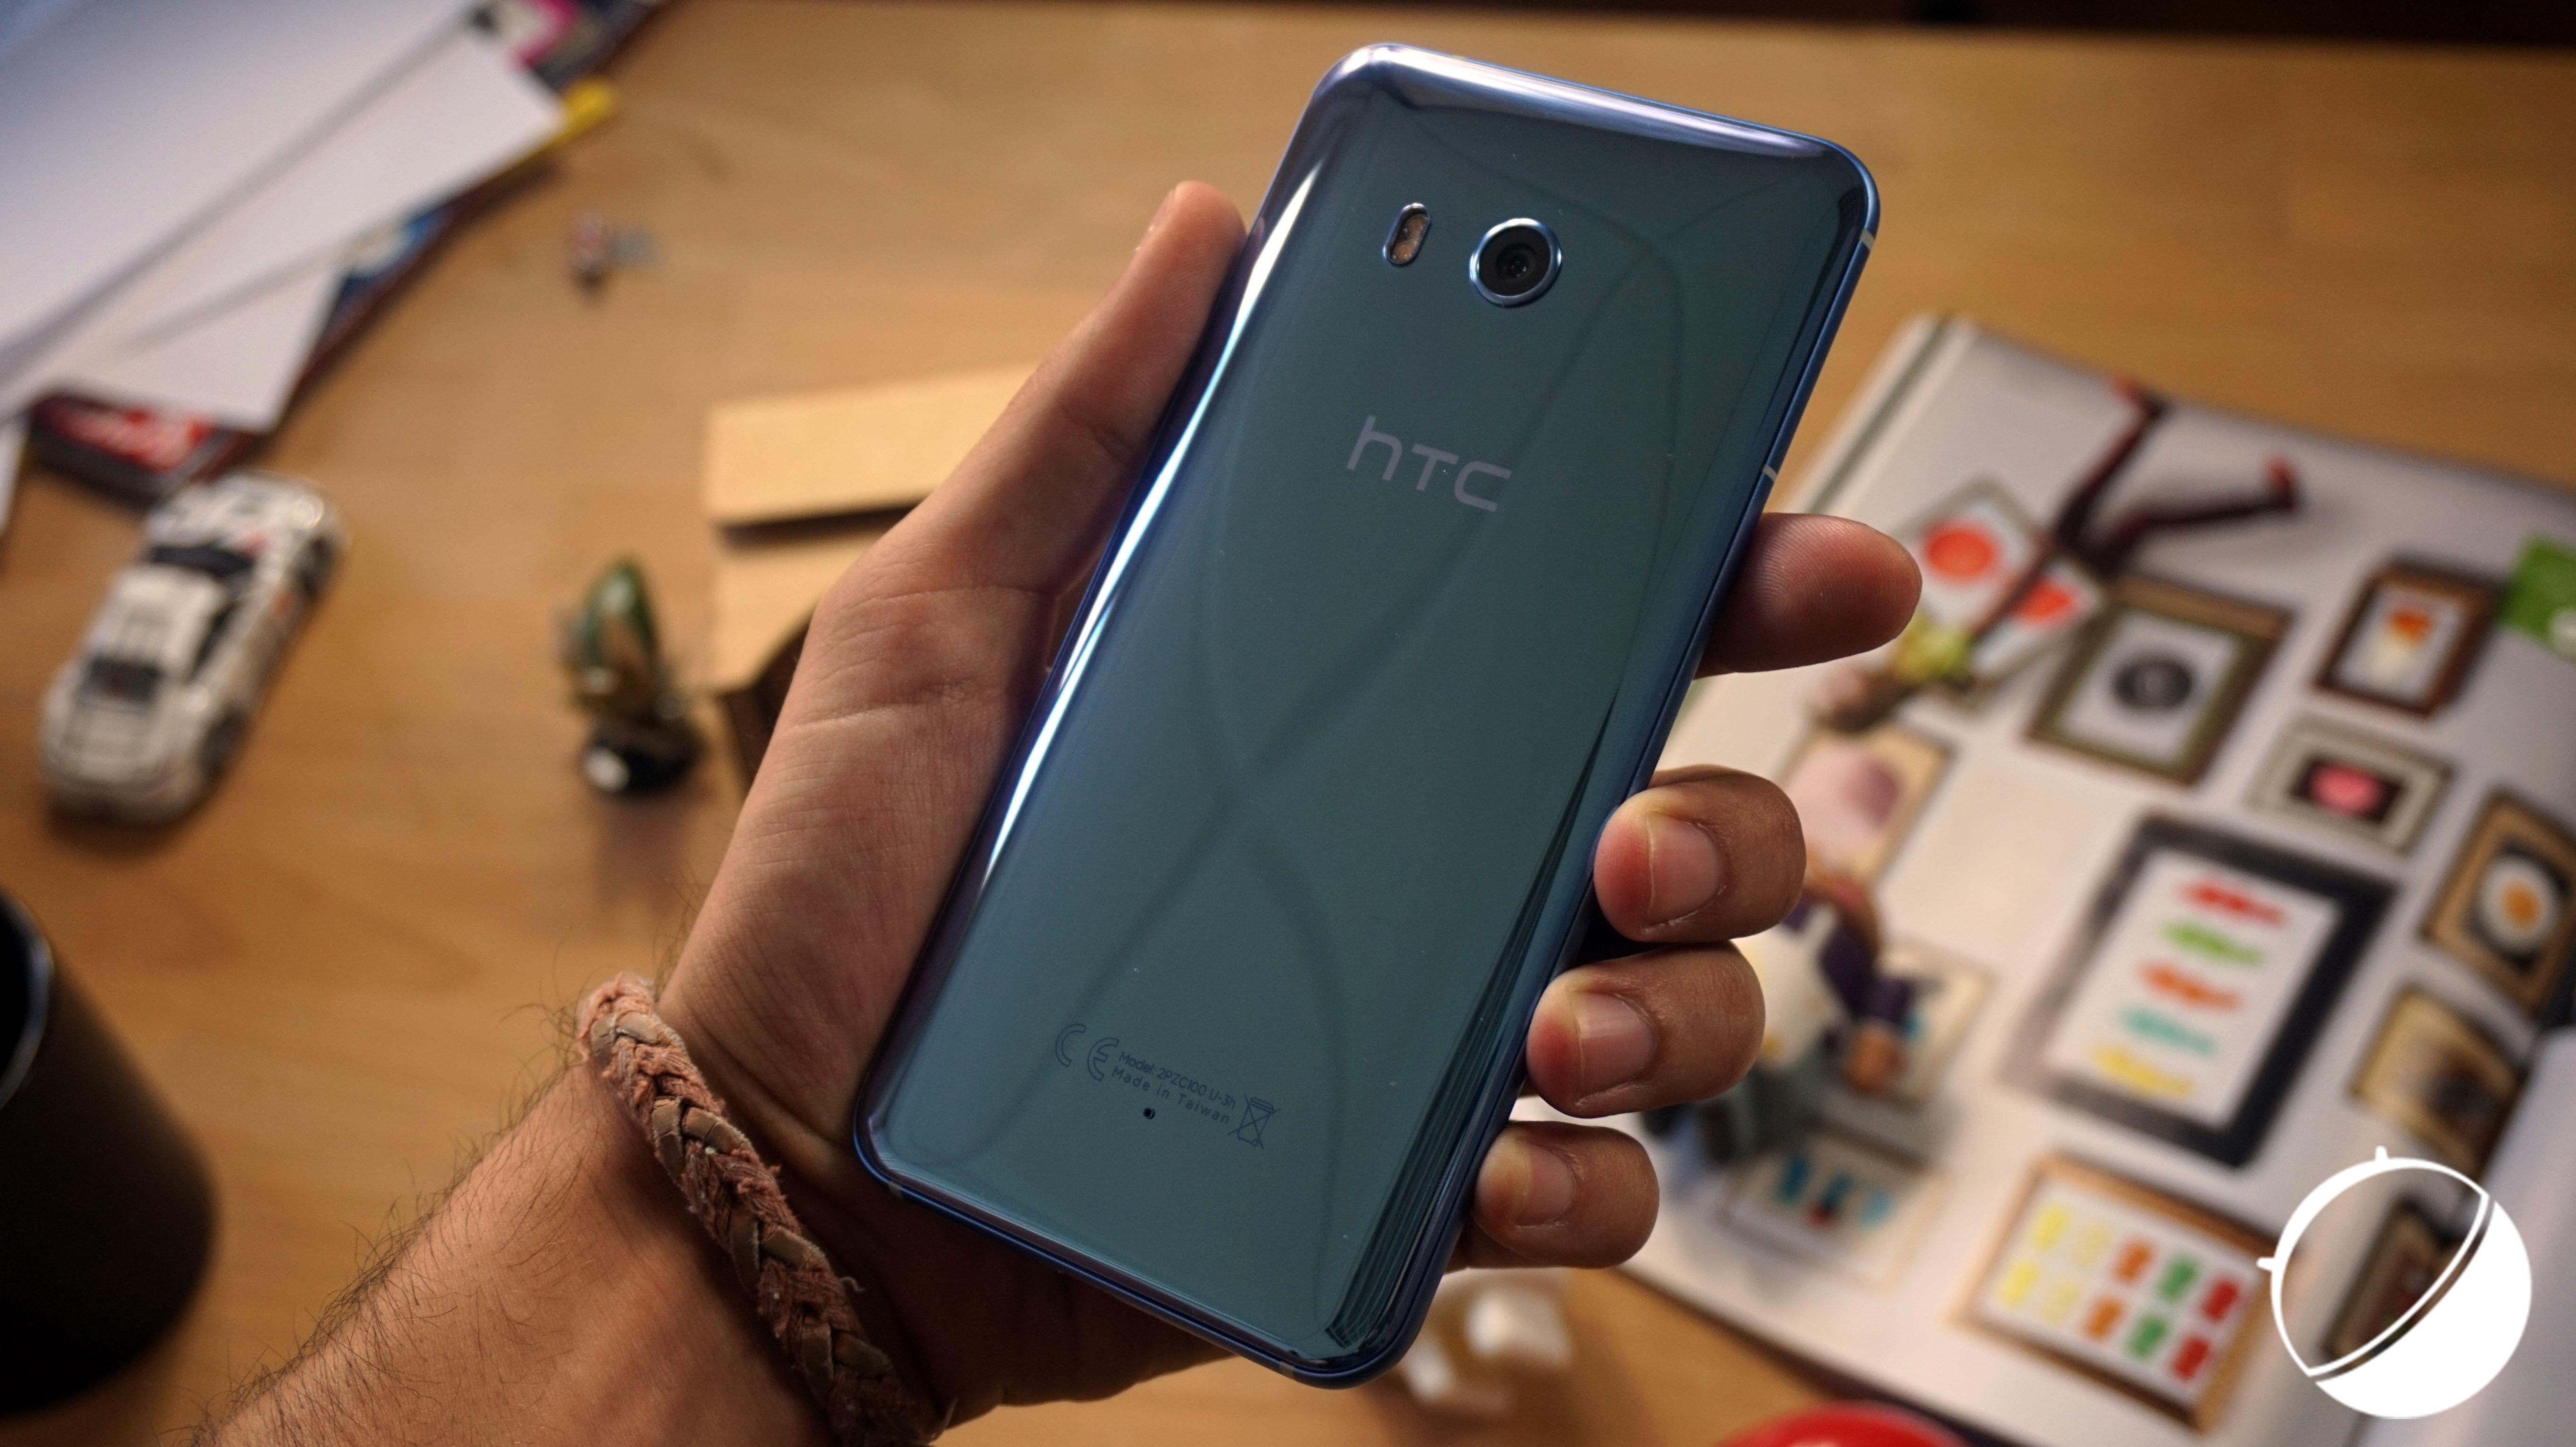 Malgré l'accord avec Google, HTC continuera de concevoir, fabriquer et vendre des smartphones